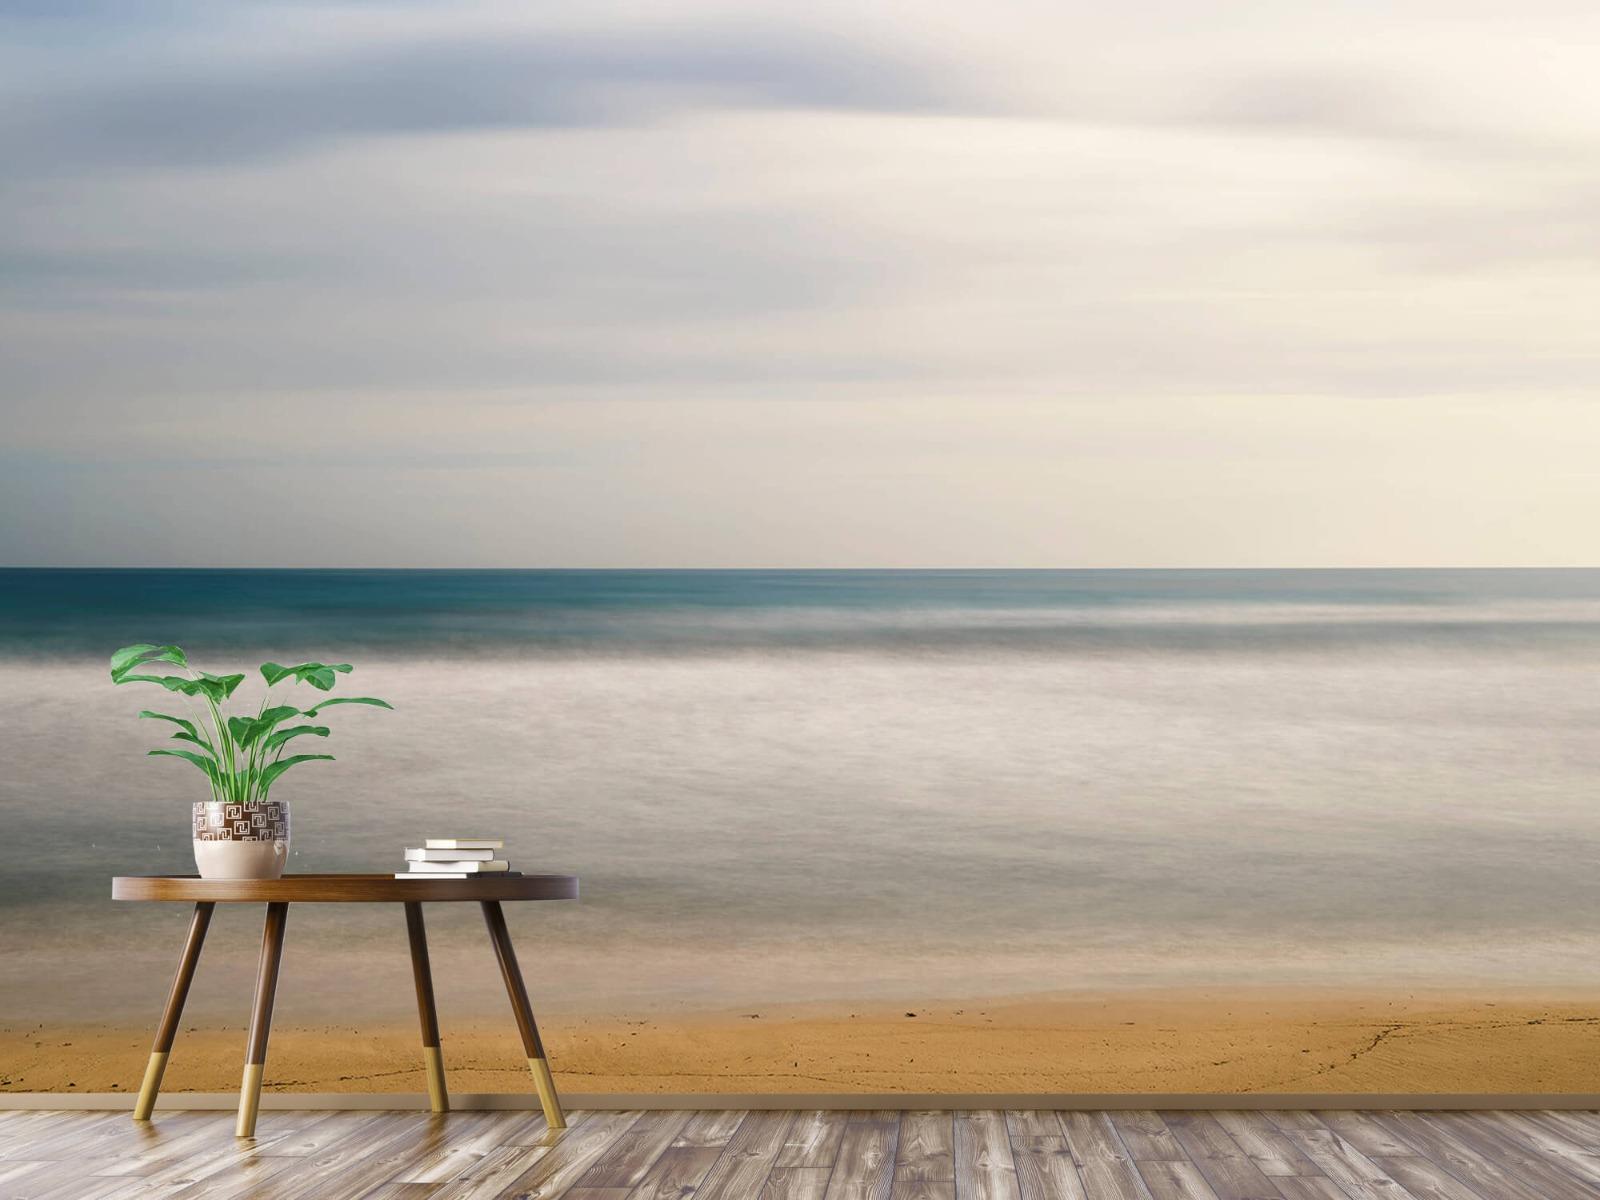 Zeeën en Oceanen - Open zee - Slaapkamer 5